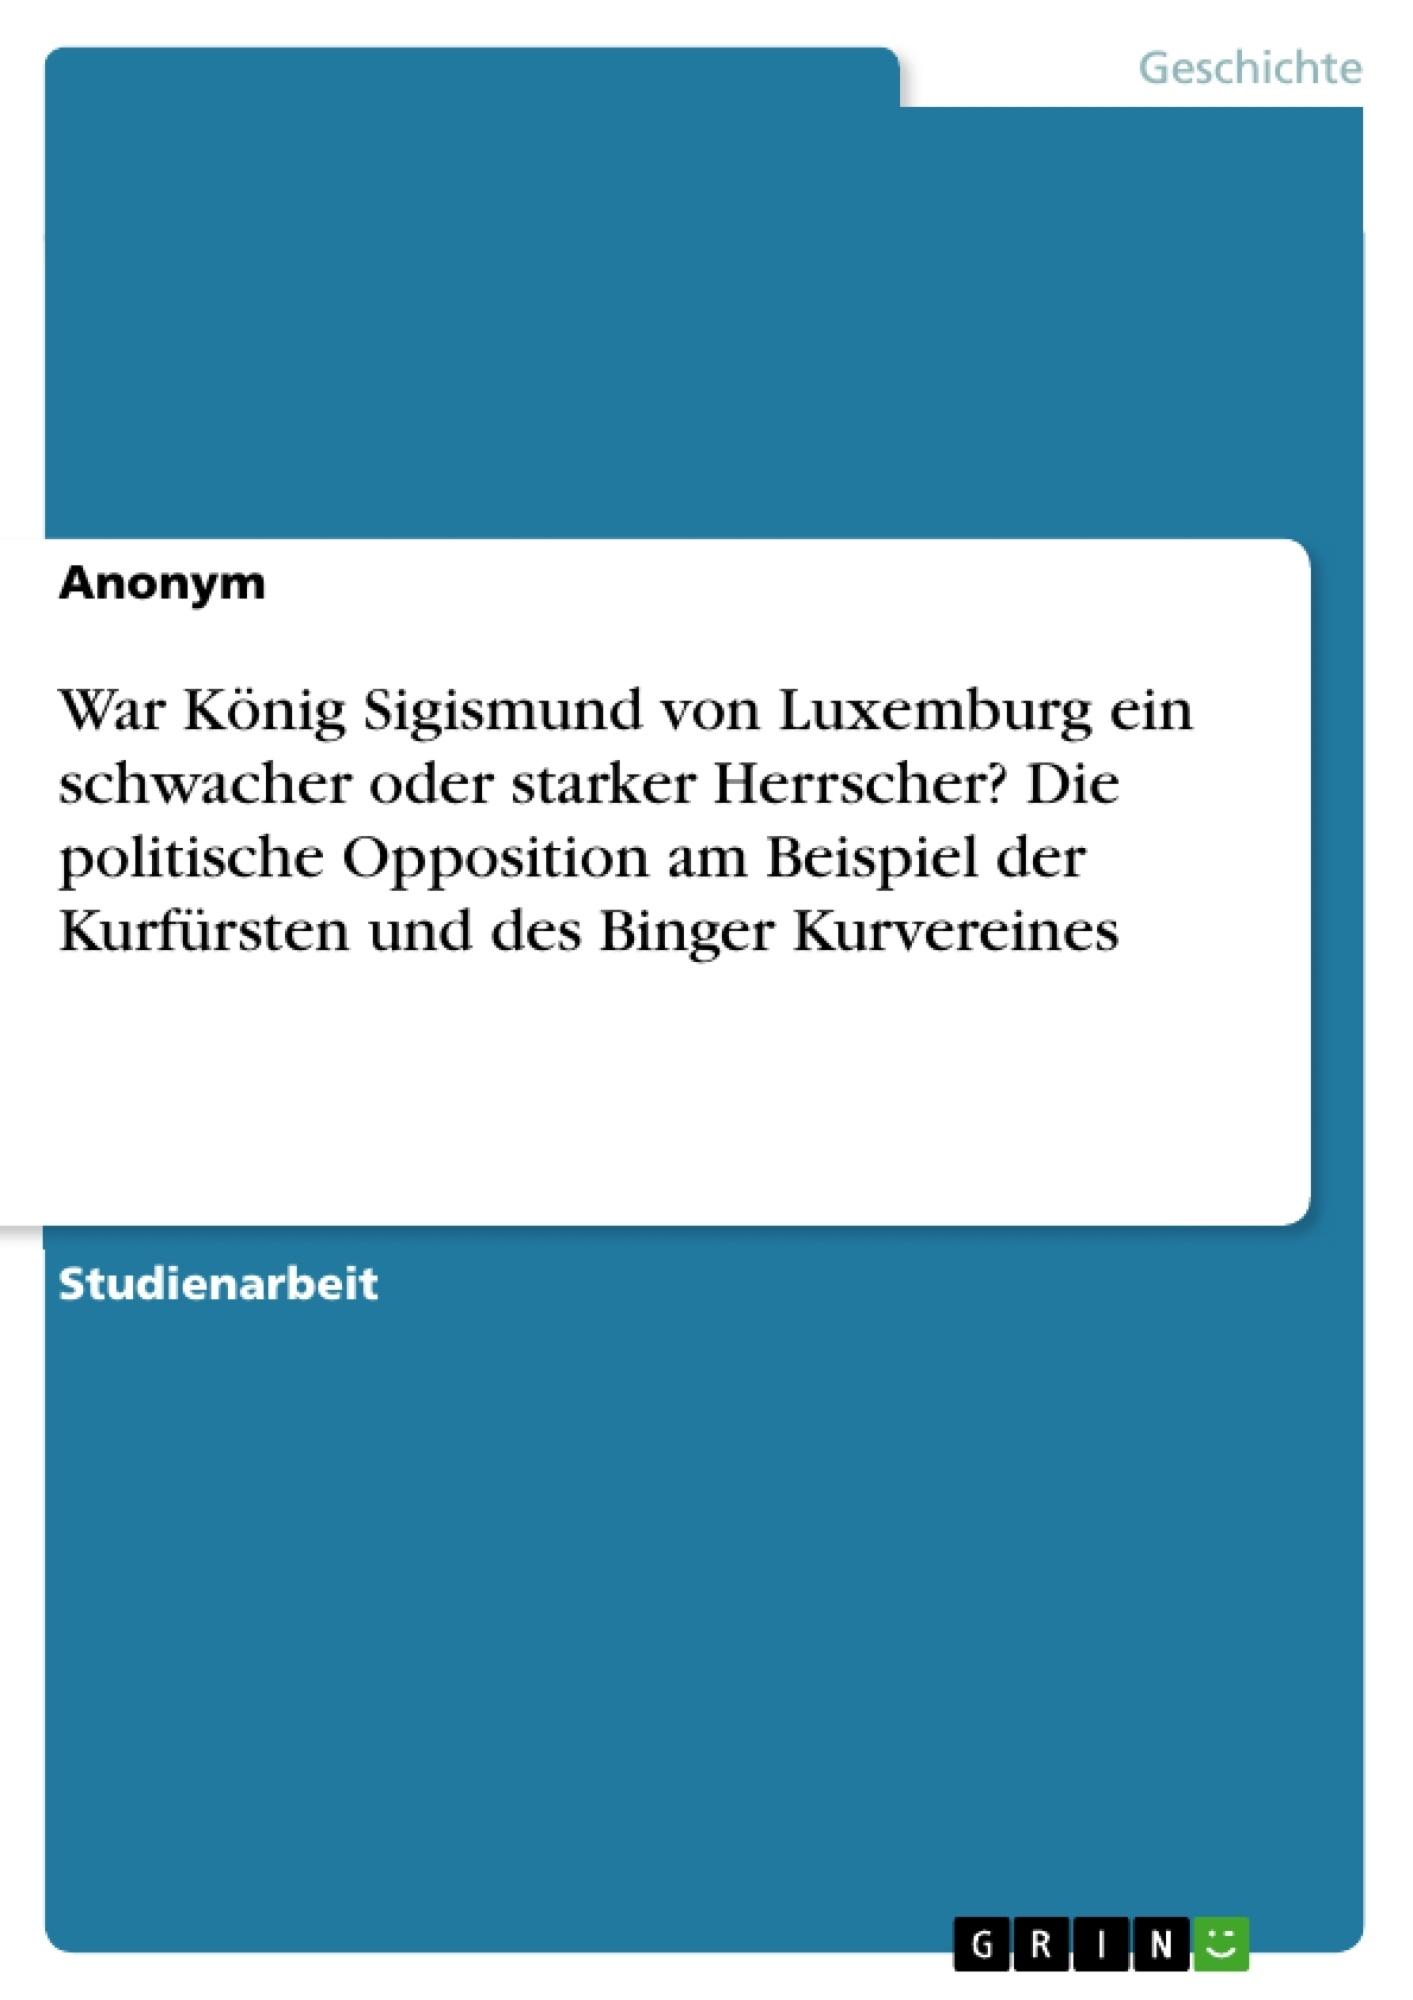 Titel: War König Sigismund von Luxemburg ein schwacher oder starker Herrscher? Die politische Opposition am Beispiel der Kurfürsten und des Binger Kurvereines